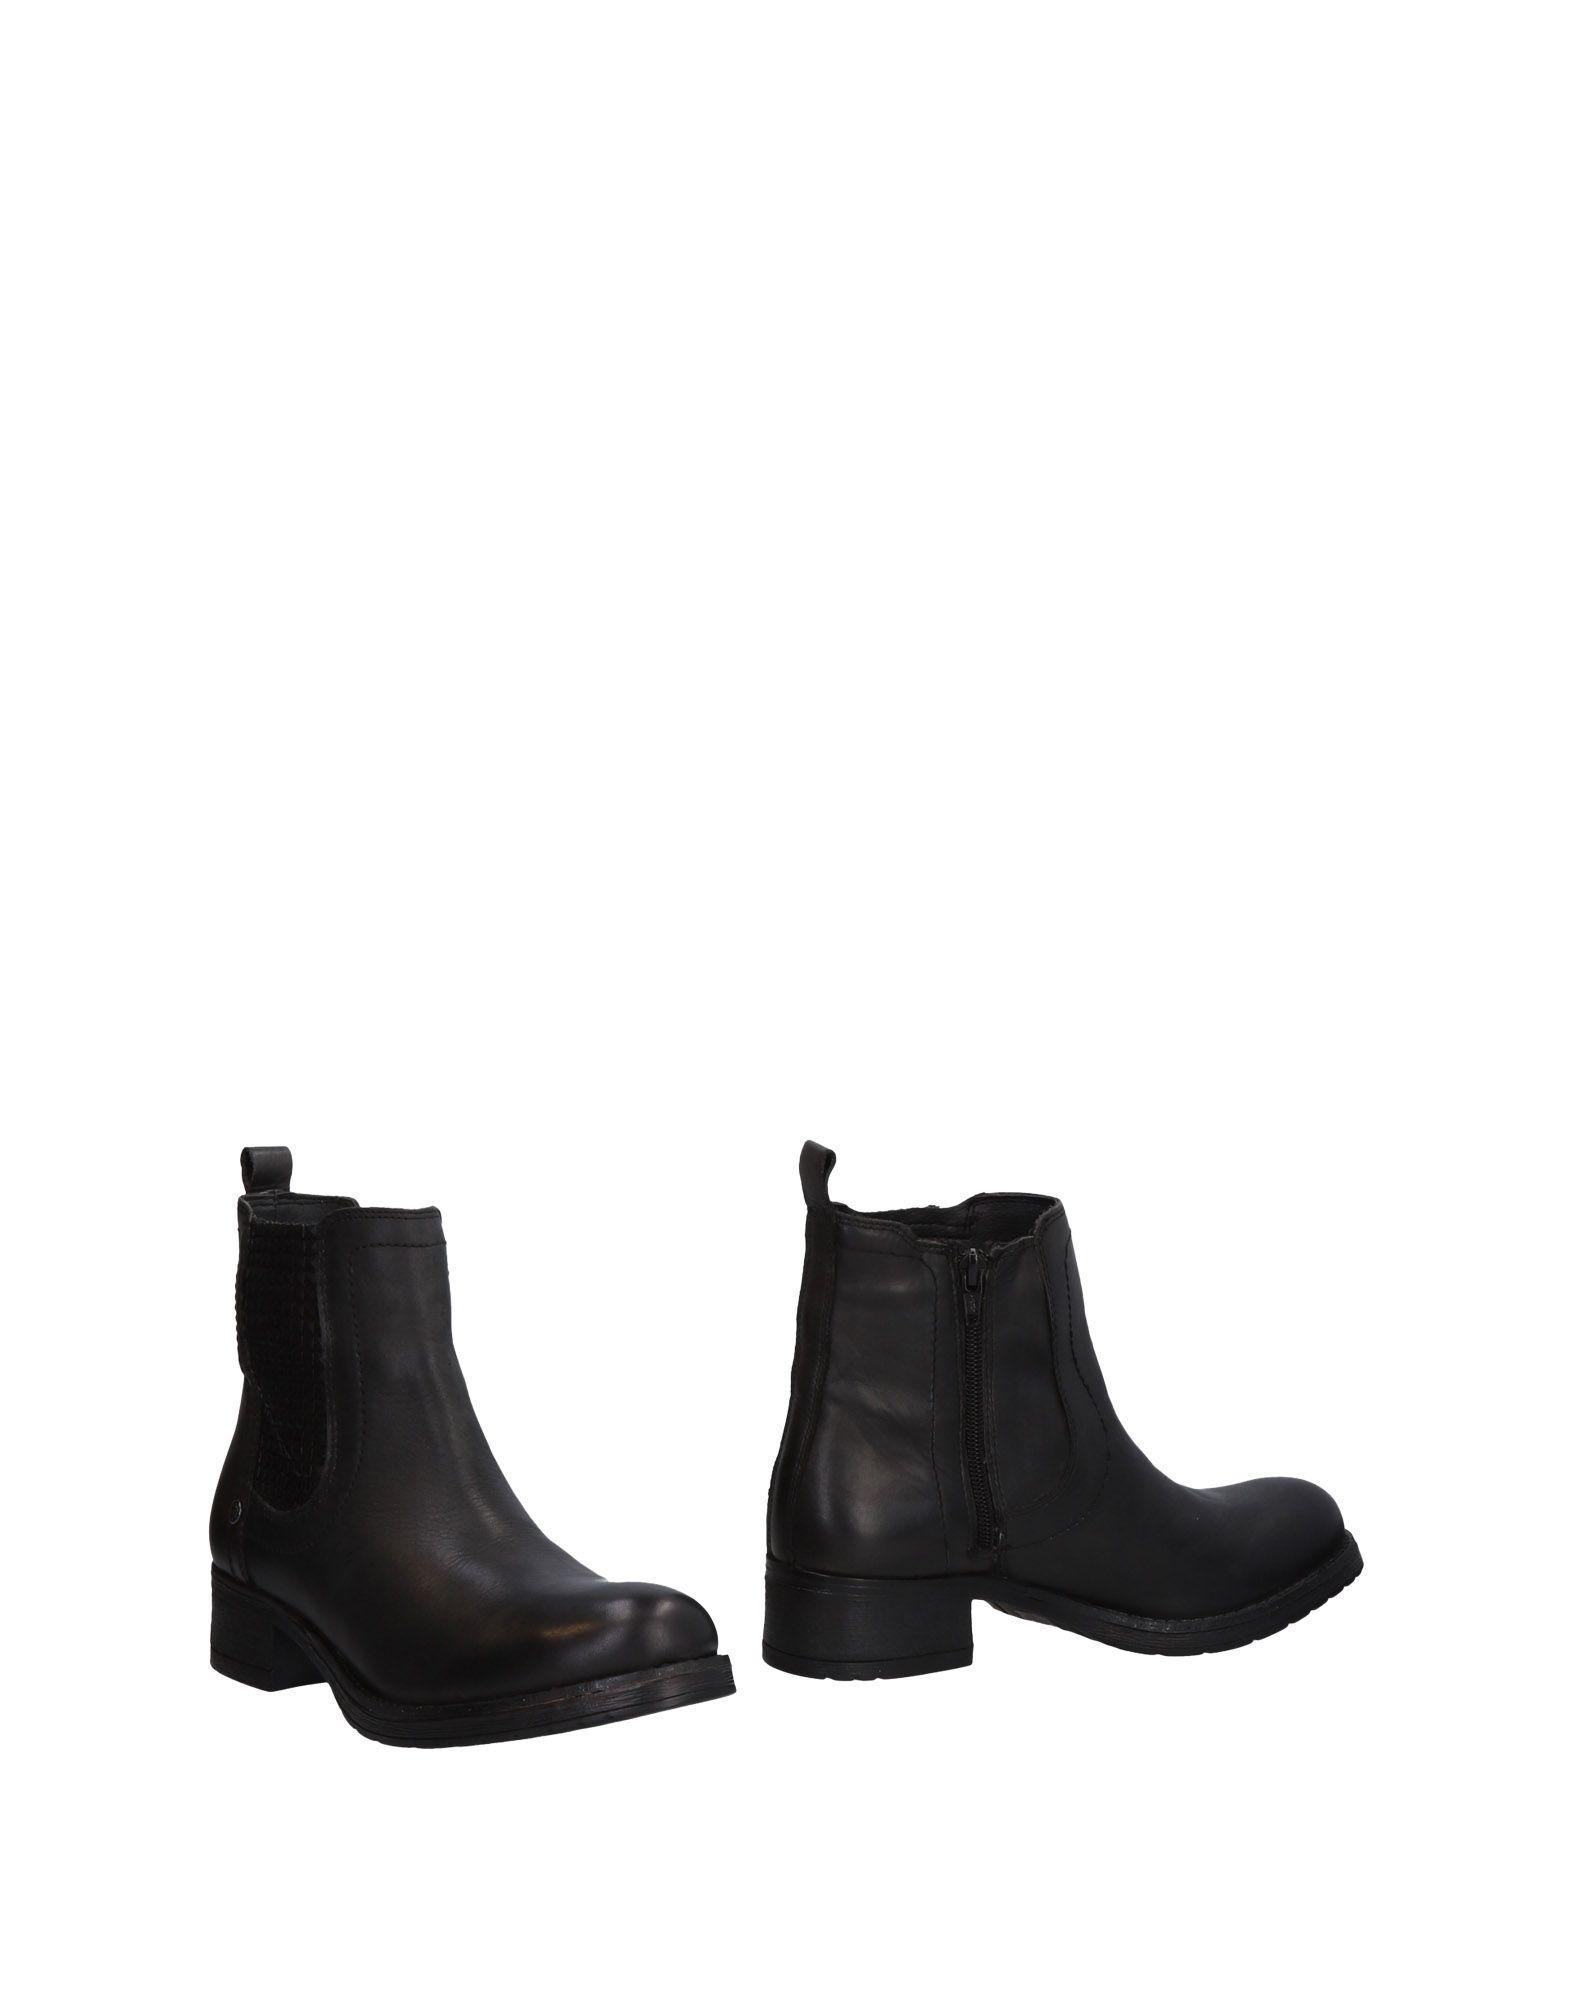 Bottine Wrangler Noir Femme - Bottines Wrangler Noir Wrangler Chaussures casual sauvages 906f0f